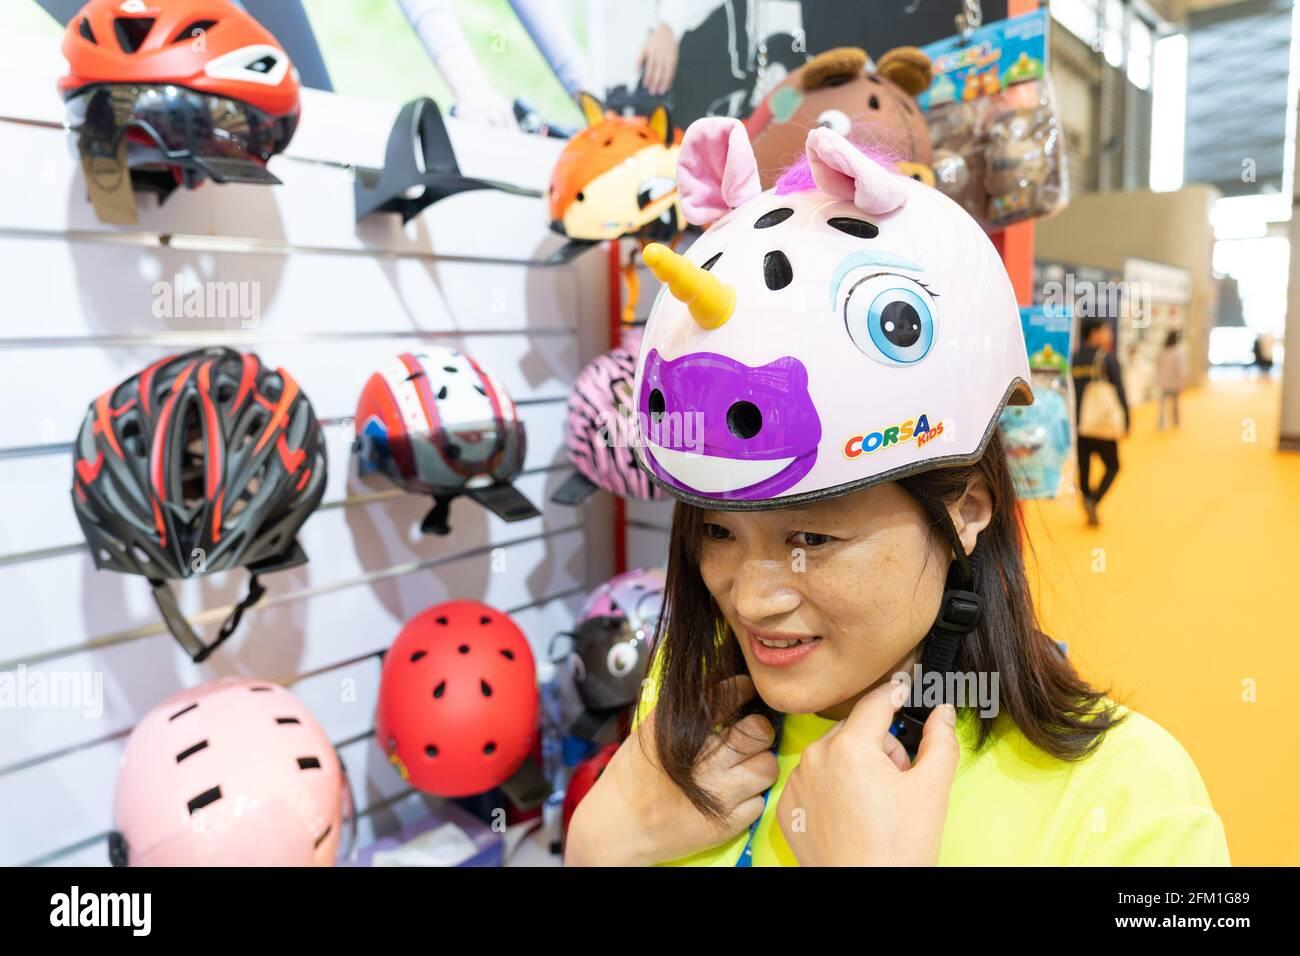 Shanghai. 5 maggio 2021. Un membro dello staff mostra un casco a forma di cartoni animati durante la 30esima Fiera Internazionale della bicicletta della Cina a Shanghai, 5 maggio 2021. L'evento della durata di quattro giorni è iniziato mercoledì, attirando oltre 1,000 aziende a partecipare. Credit: CAI Yang/Xinhua/Alamy Live News Foto Stock